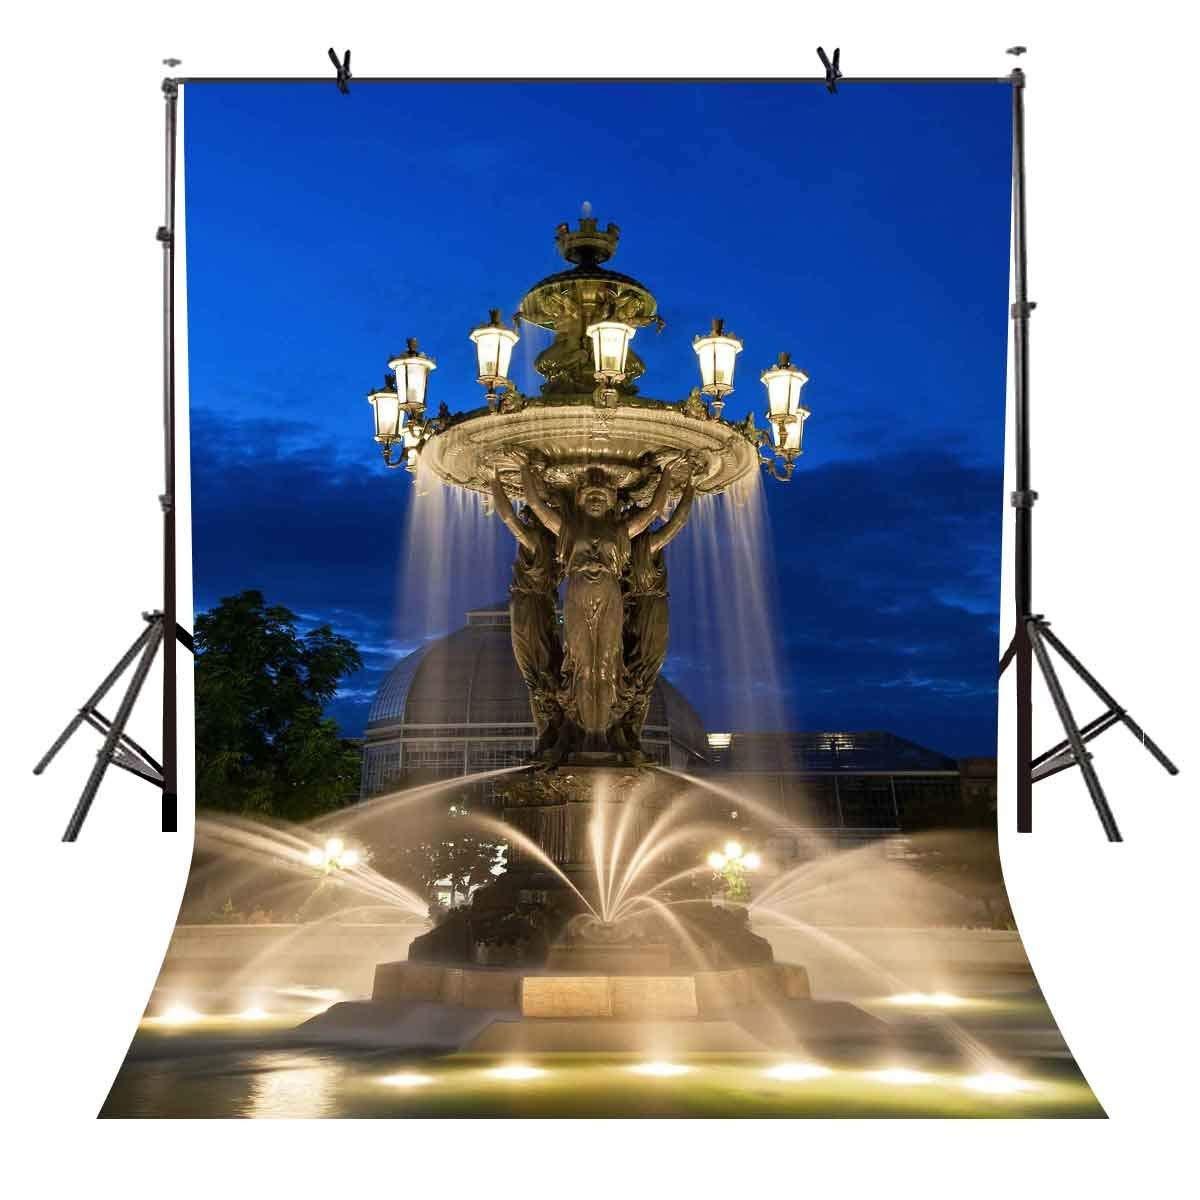 5X7 футов синий фонтан ночной фон городской площади скульптура для фотостудии фон